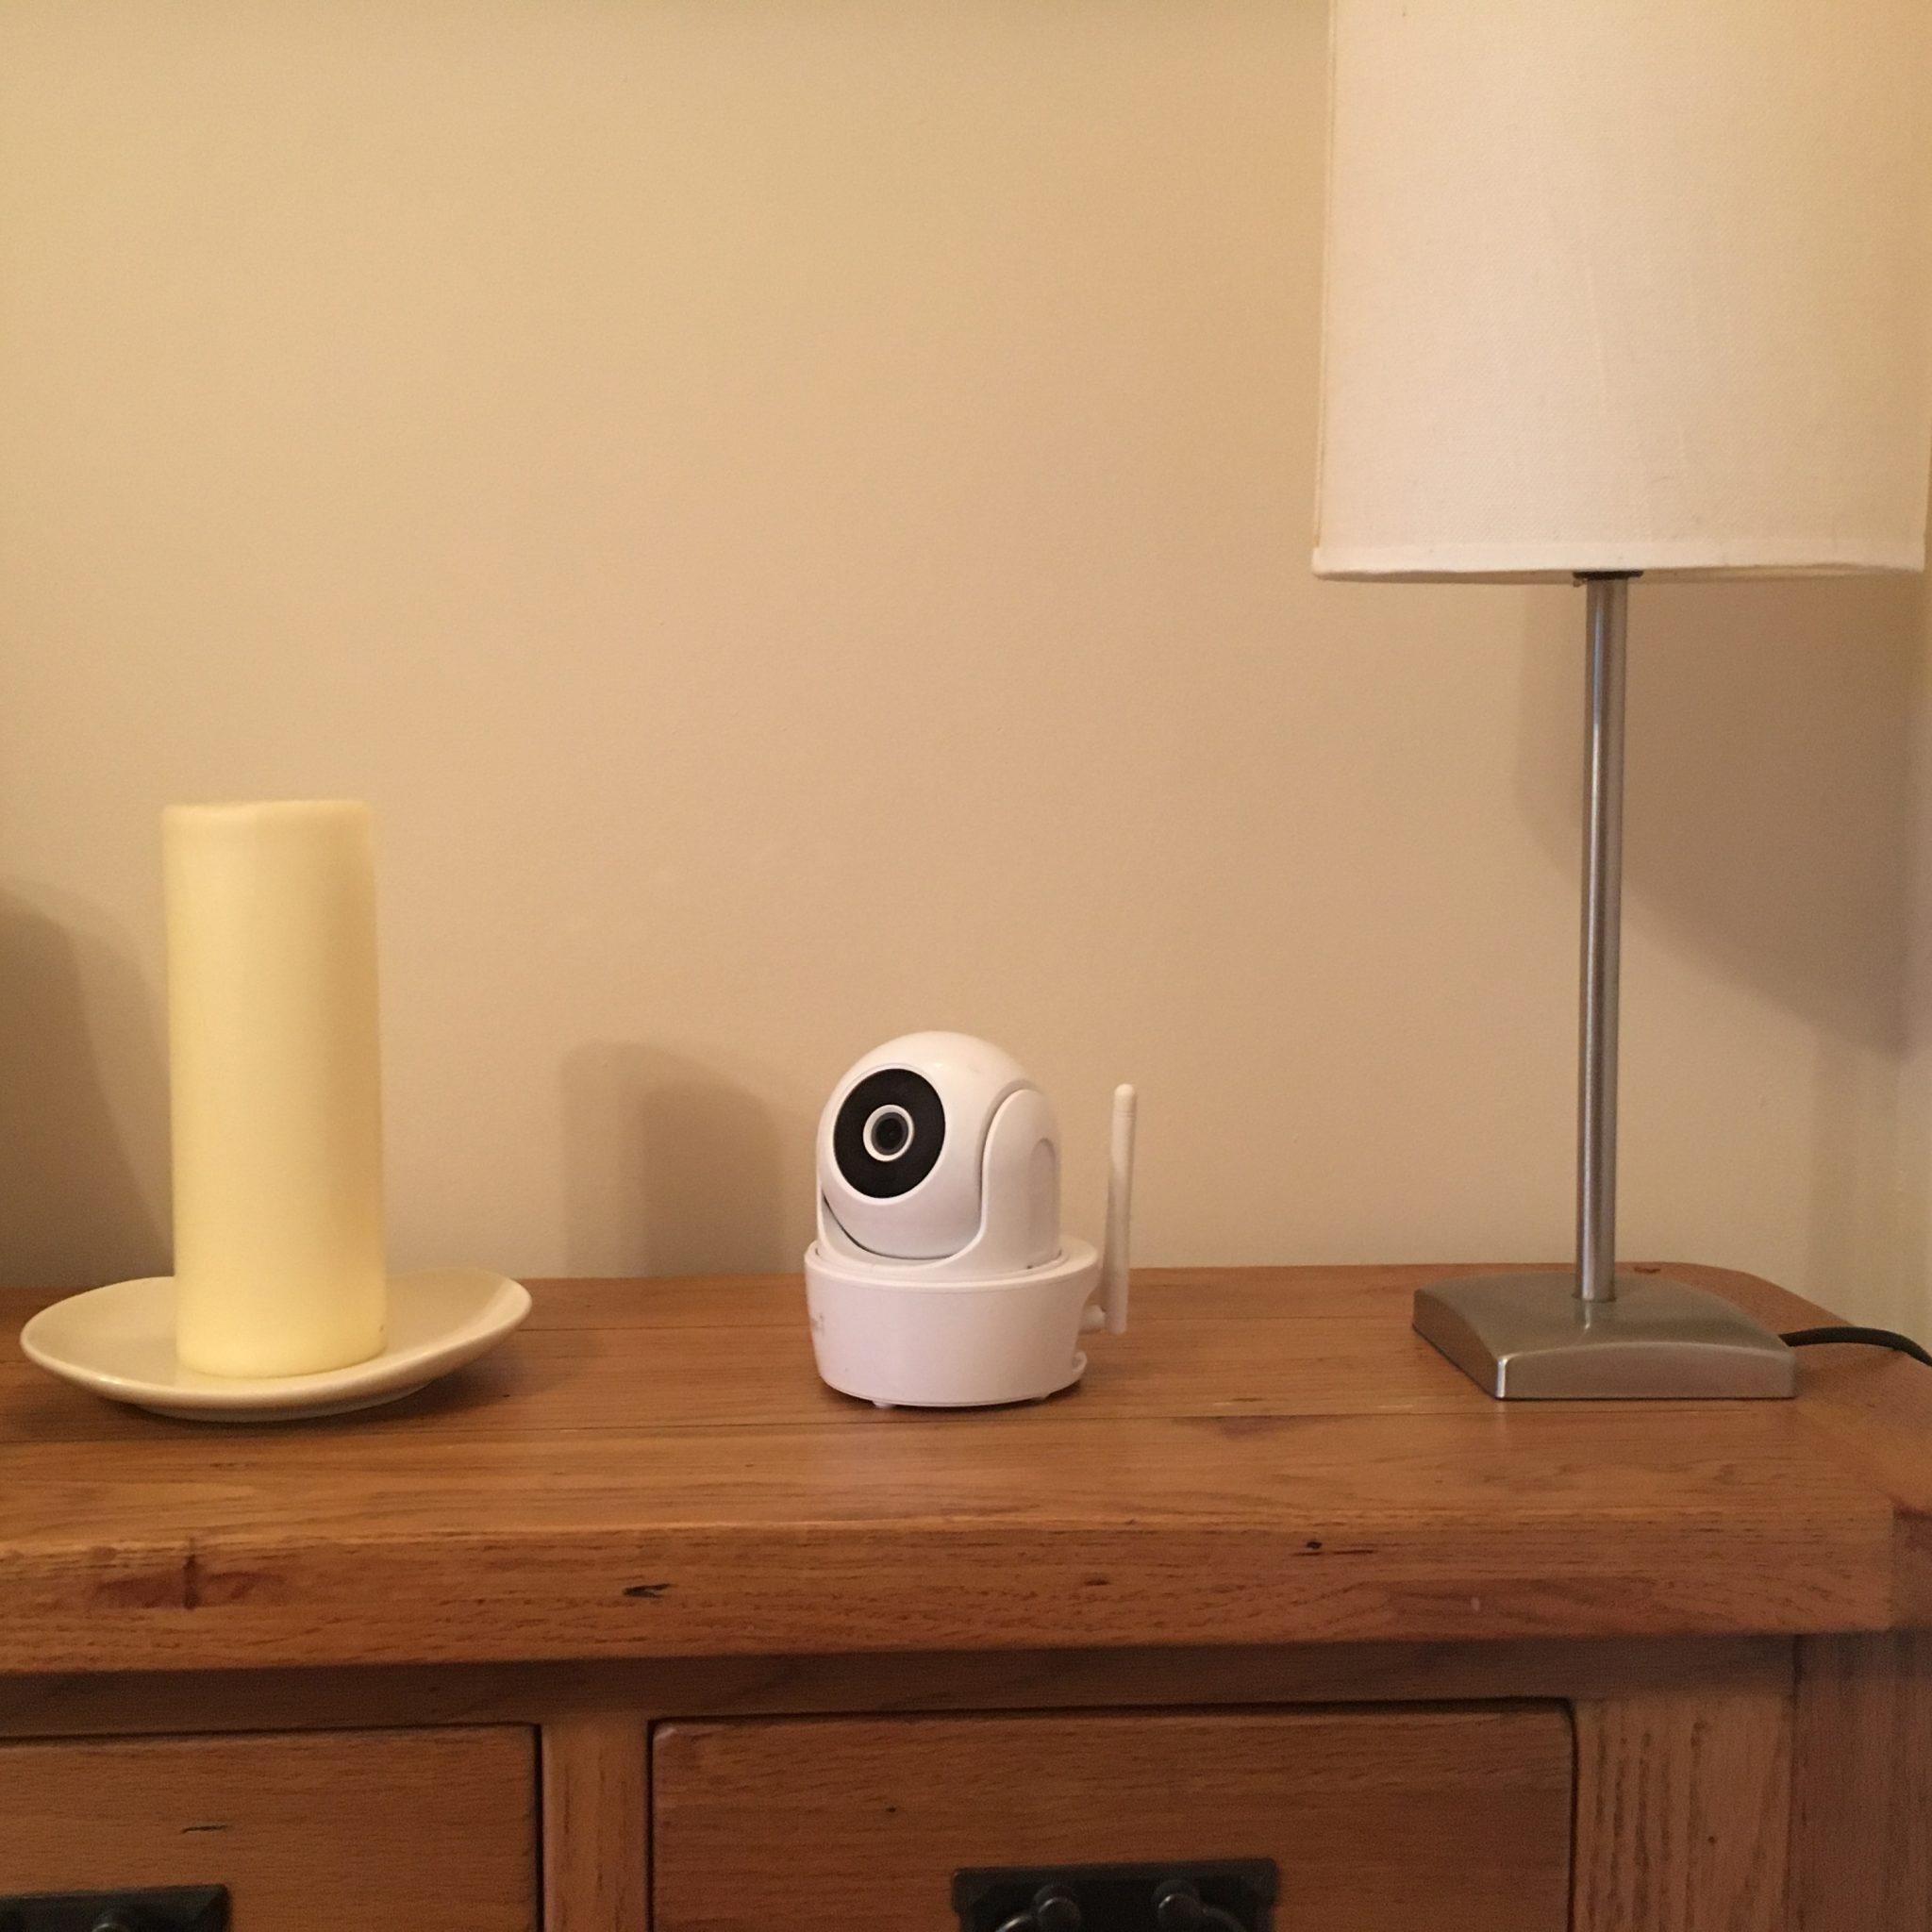 SMART-i WiFi HD Indoor Pan Tilt Camera with PIR